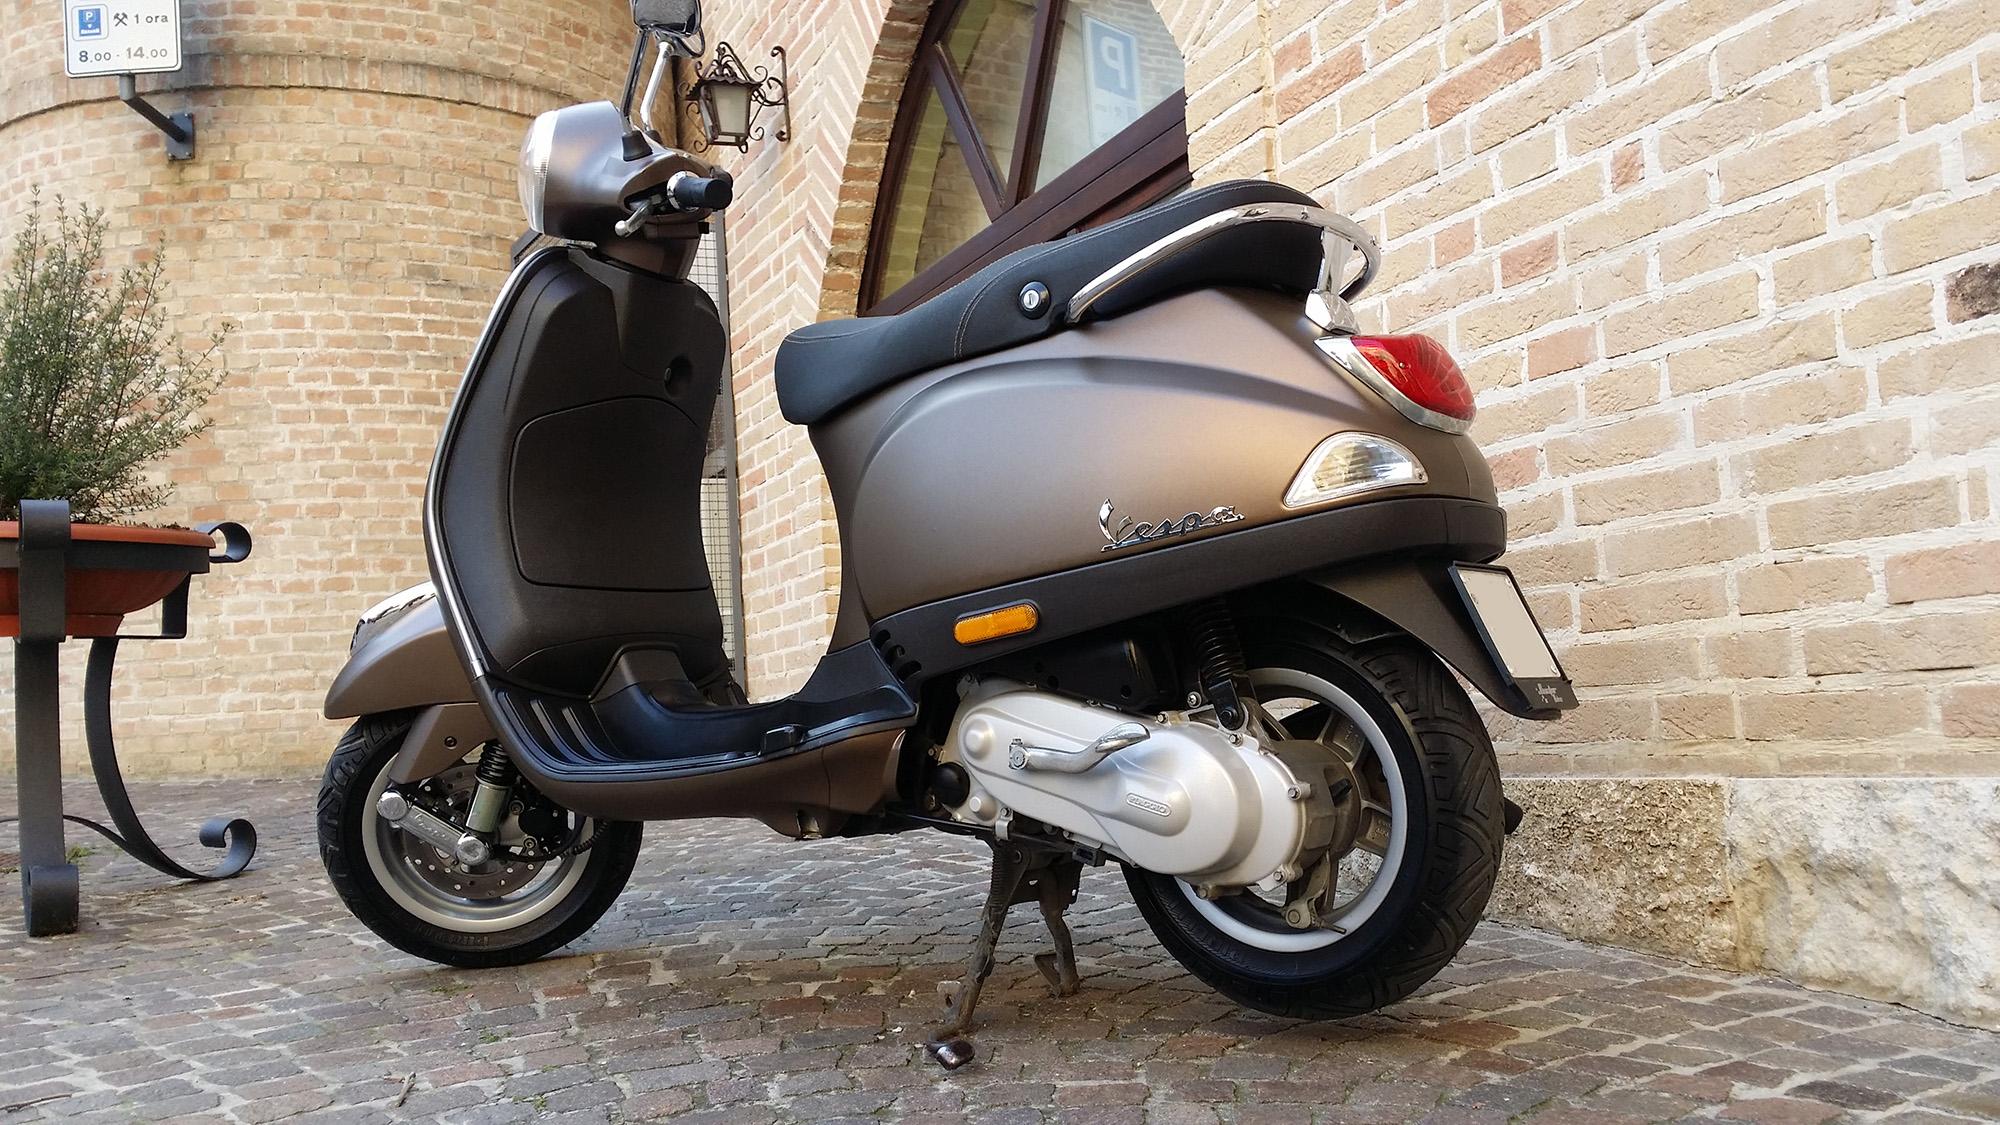 vespa piaggio 50 wrapping moto marrone metallizato opaco. Black Bedroom Furniture Sets. Home Design Ideas